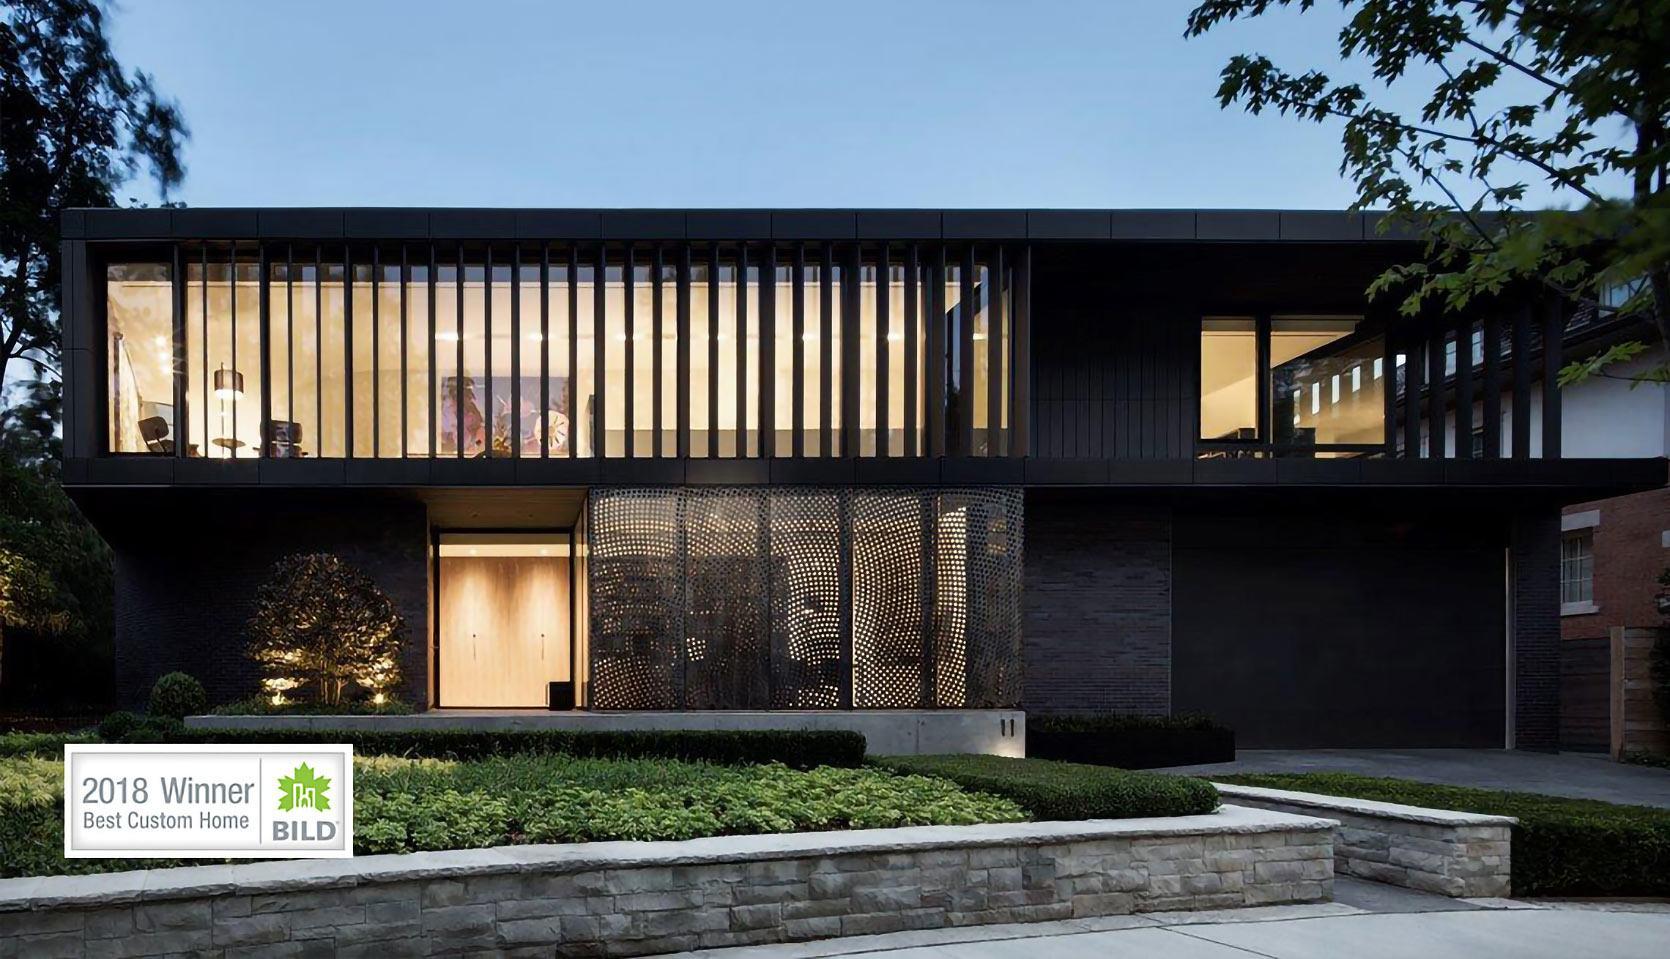 severnwoods-modern-rosedale-house-outside-night-time